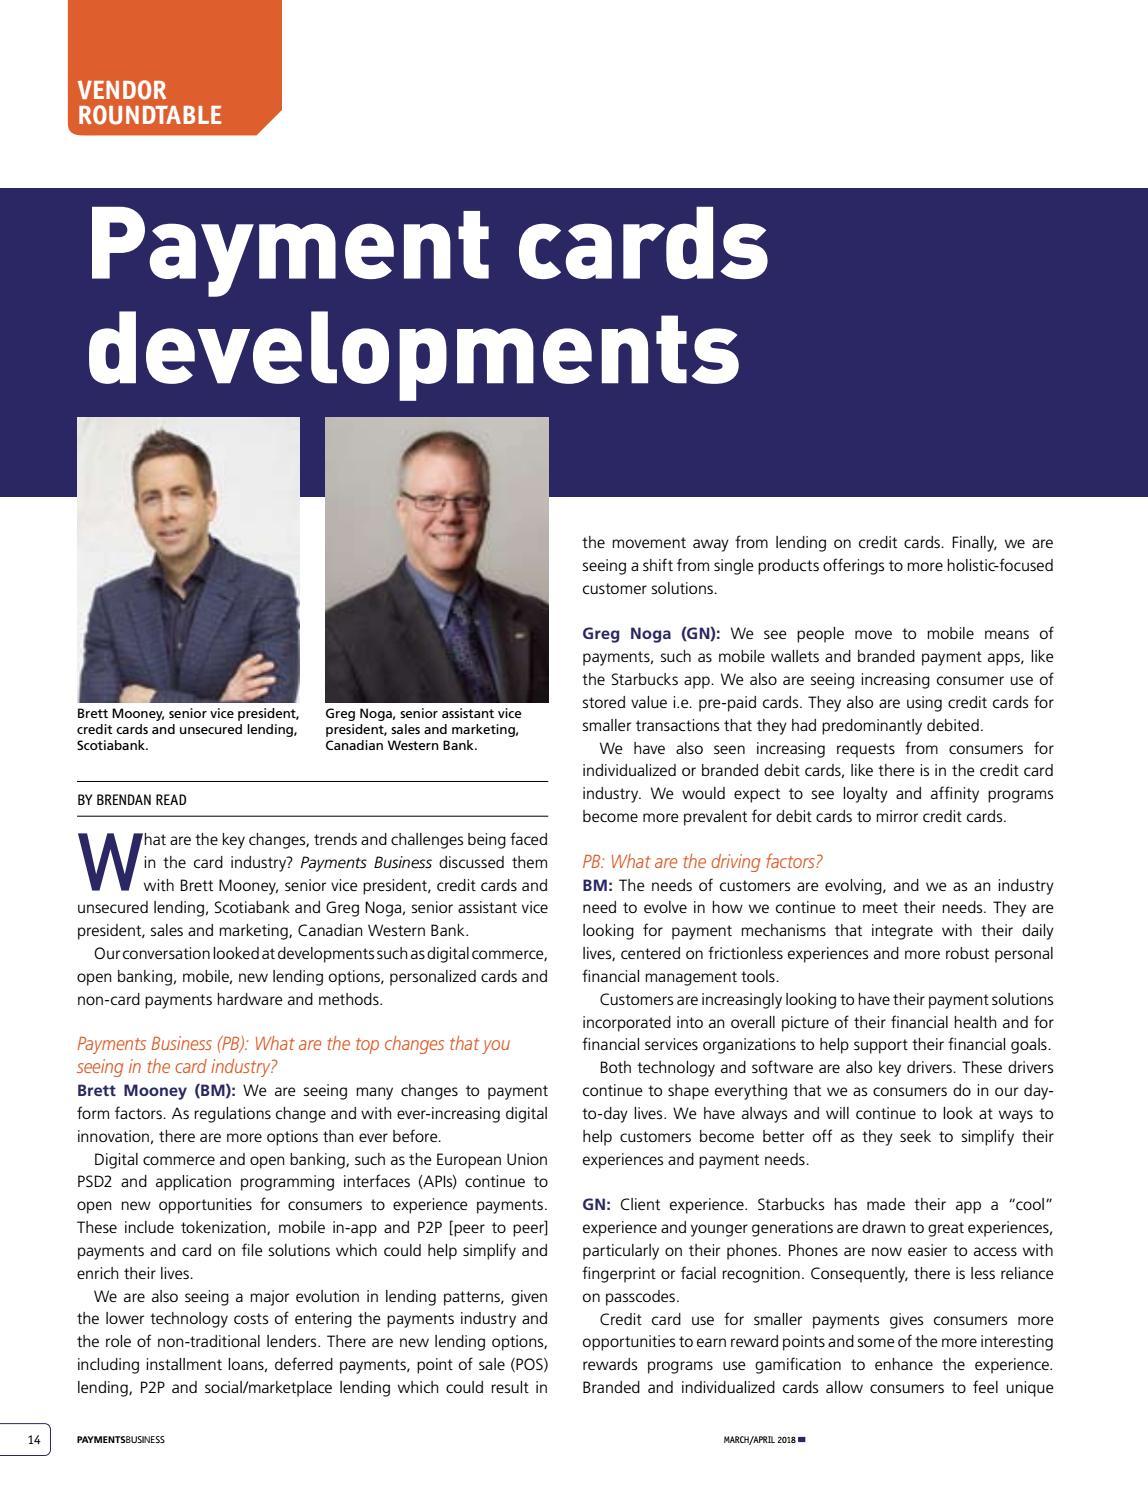 Payments Business Magazine Mar/Apr 2018 by Lloydmedia Inc - issuu